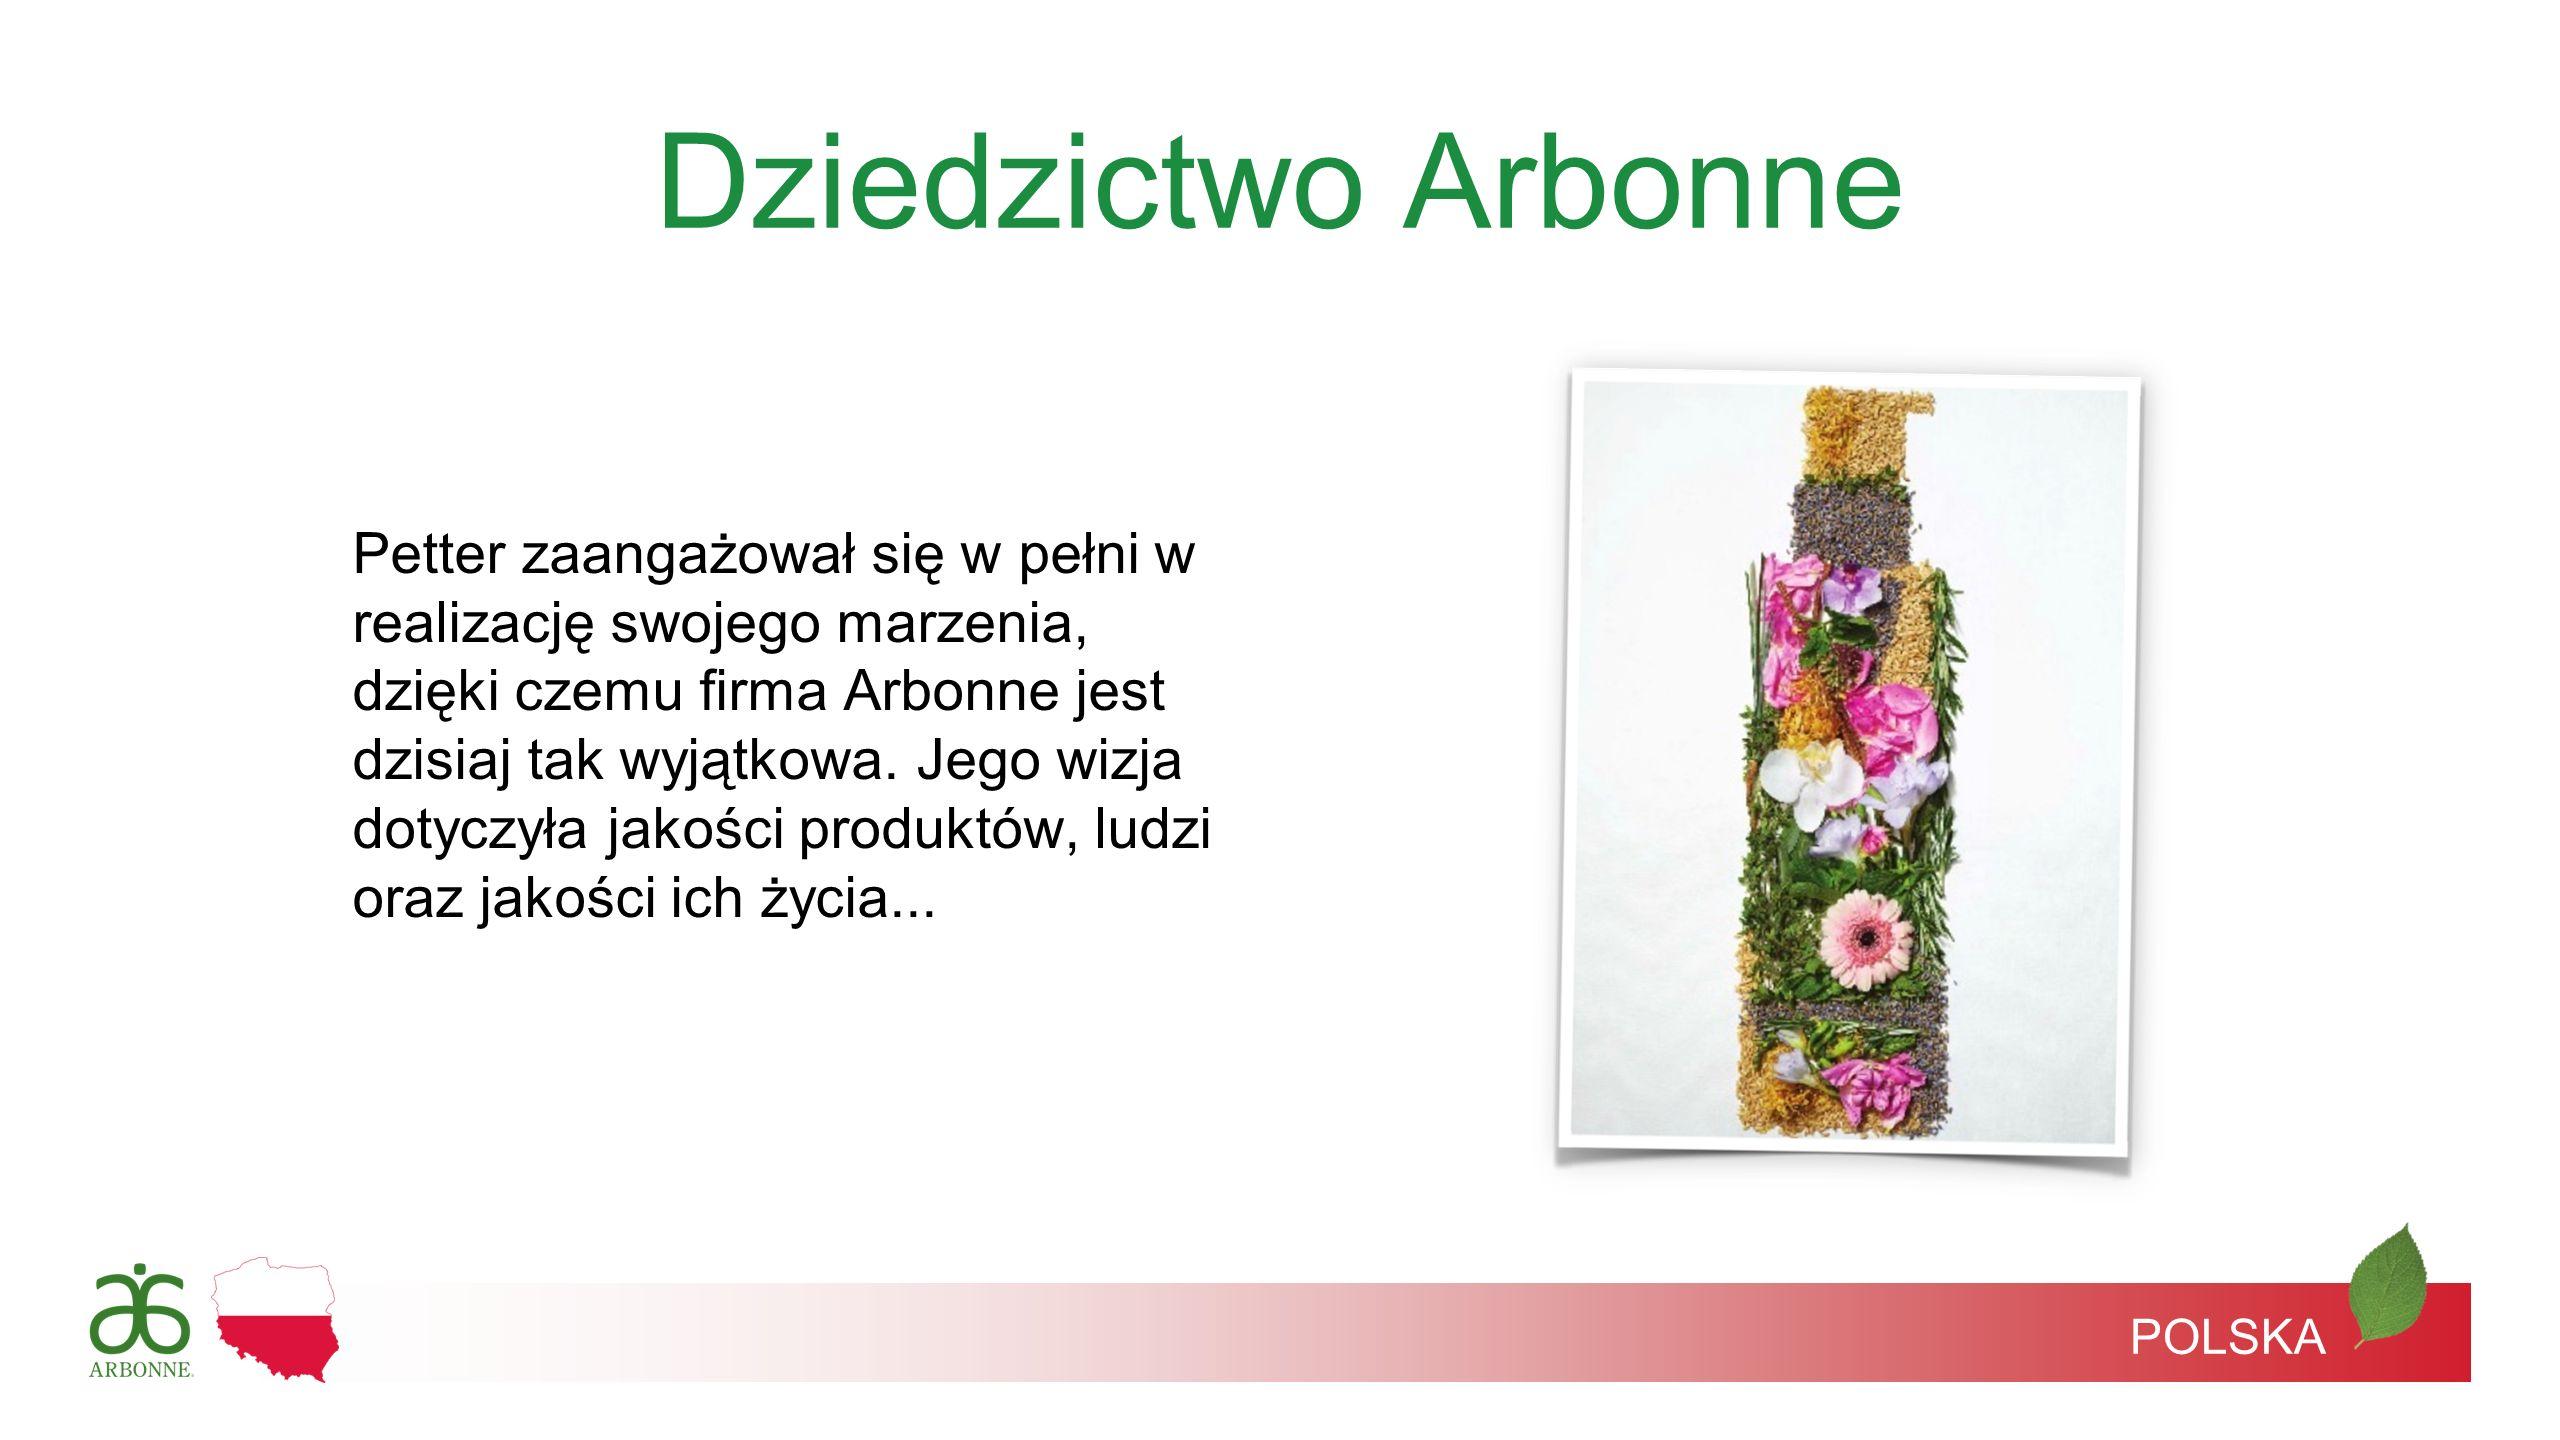 Dziedzictwo Arbonne Petter zaangażował się w pełni w realizację swojego marzenia, dzięki czemu firma Arbonne jest dzisiaj tak wyjątkowa. Jego wizja do